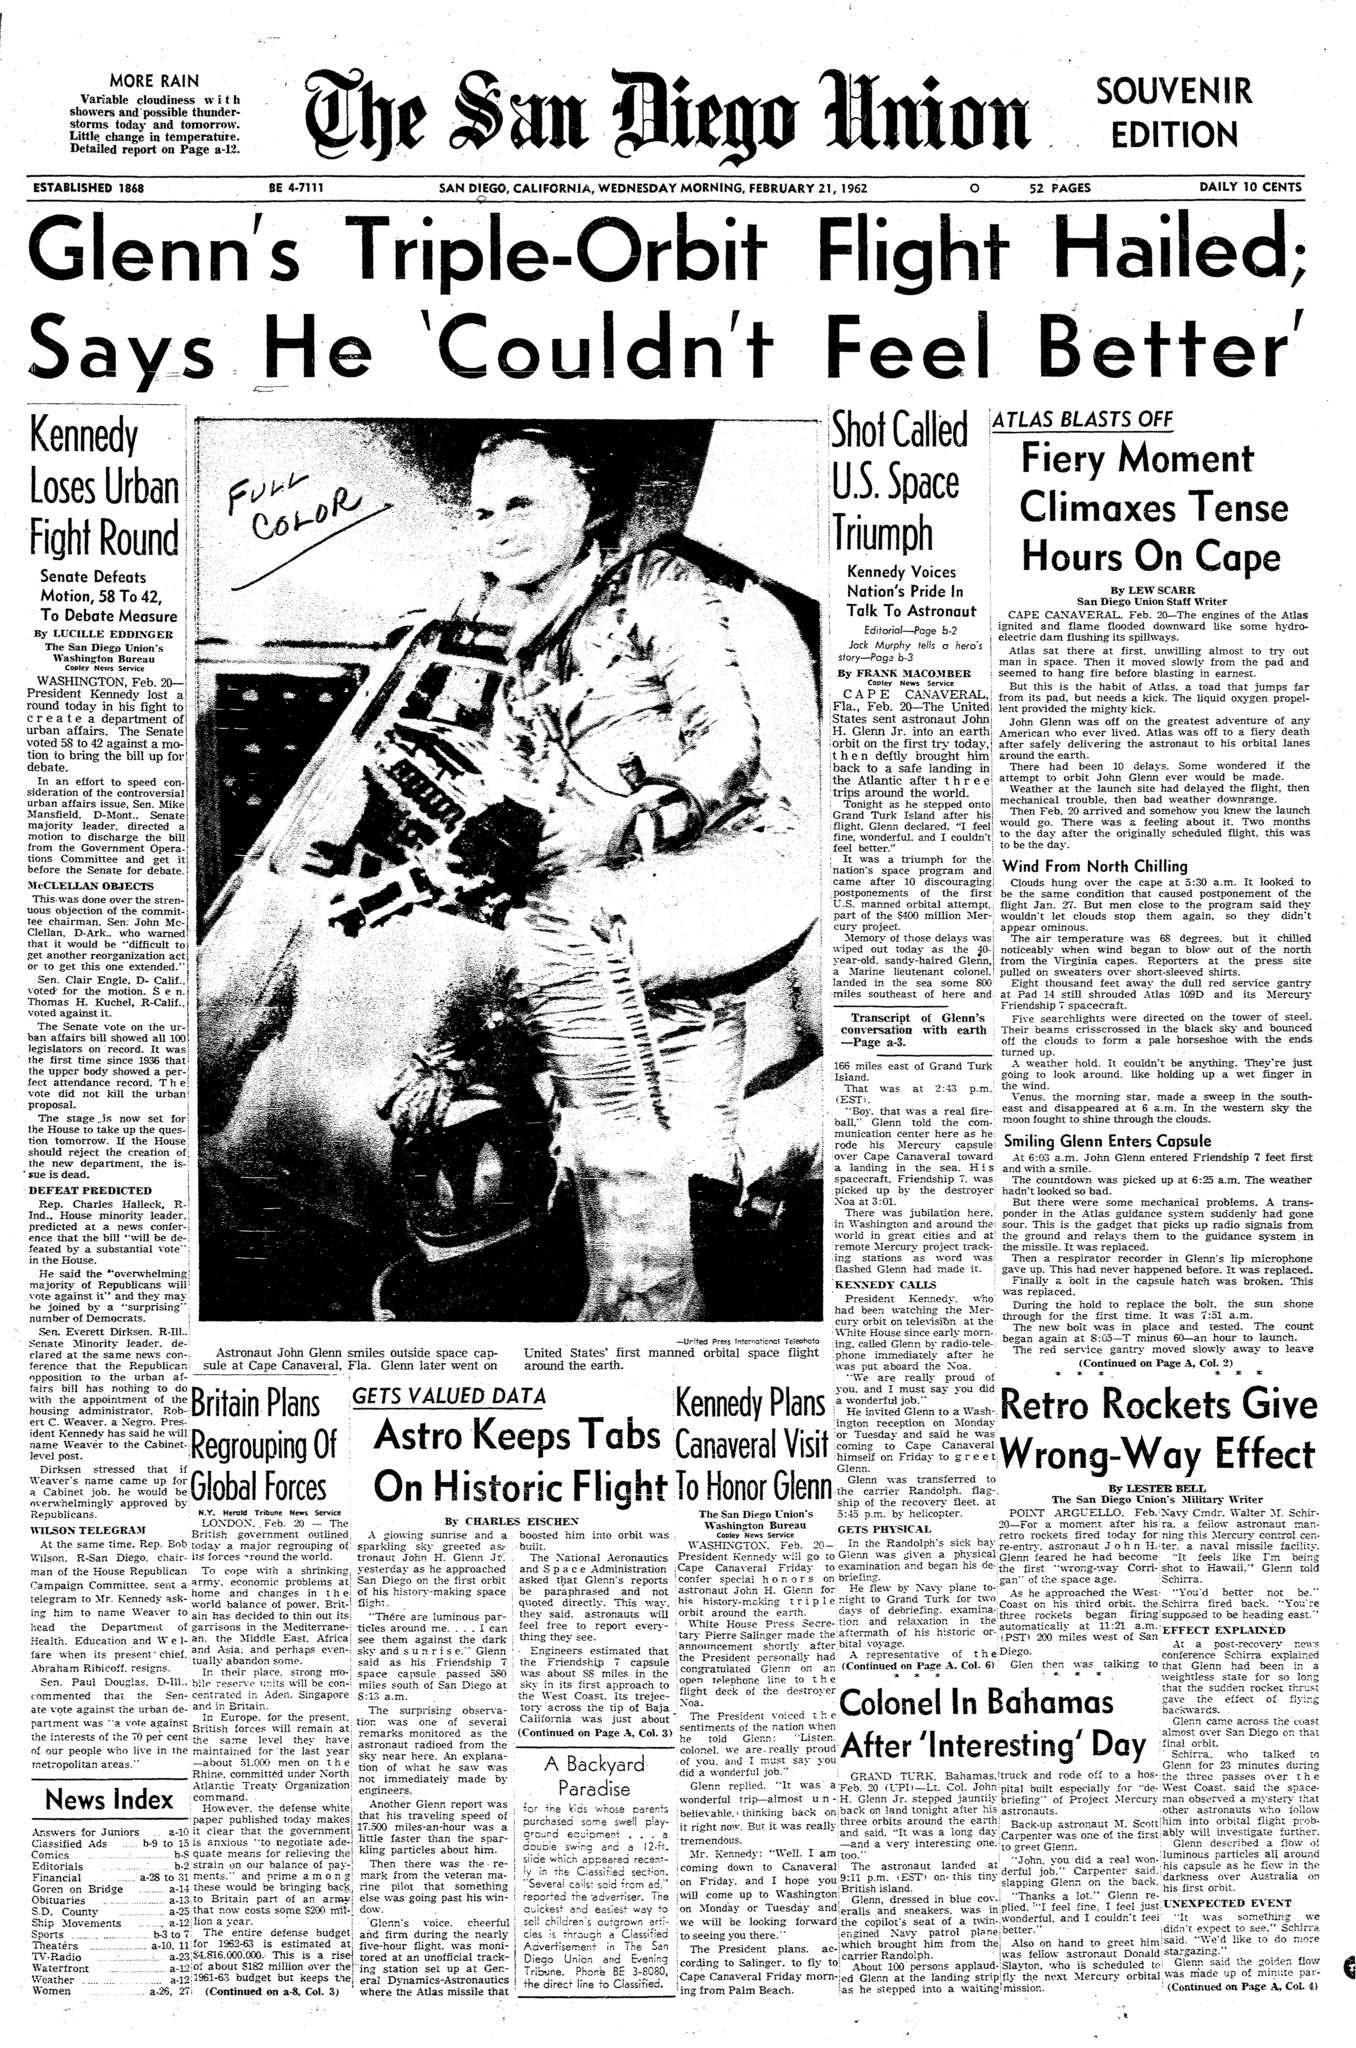 February 21, 1962